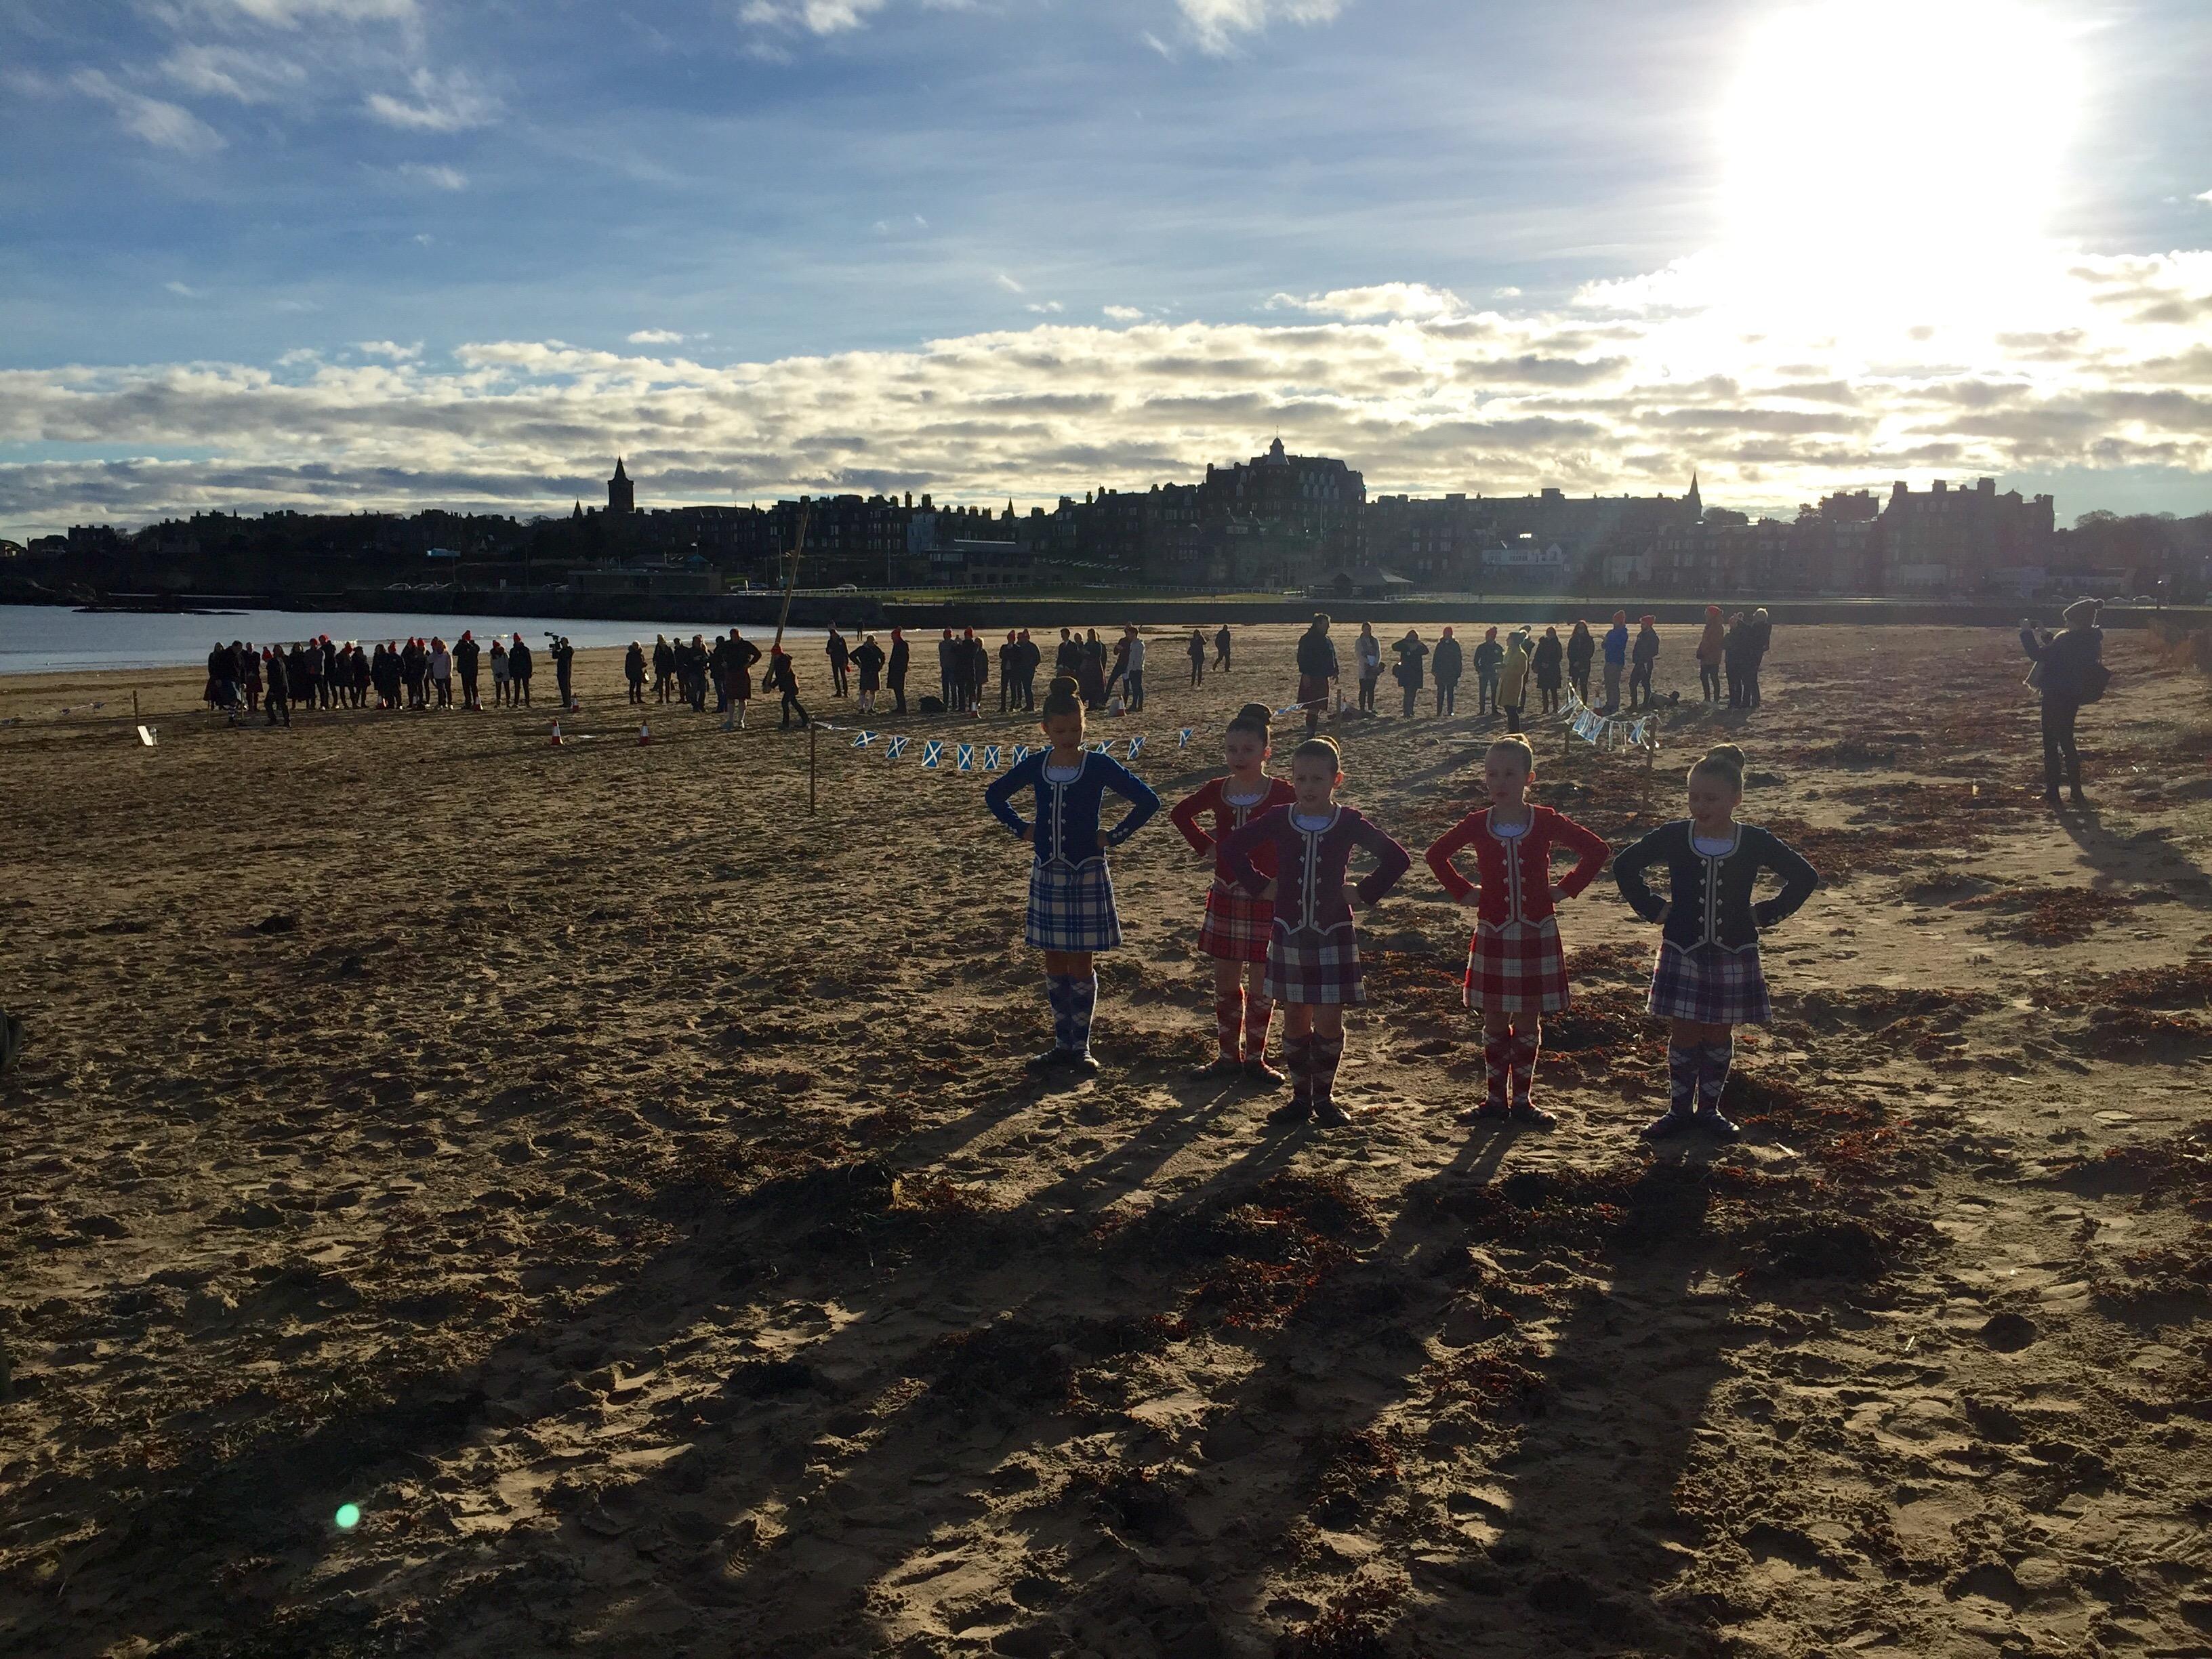 highland-dancers-at-st-andres-highland-games